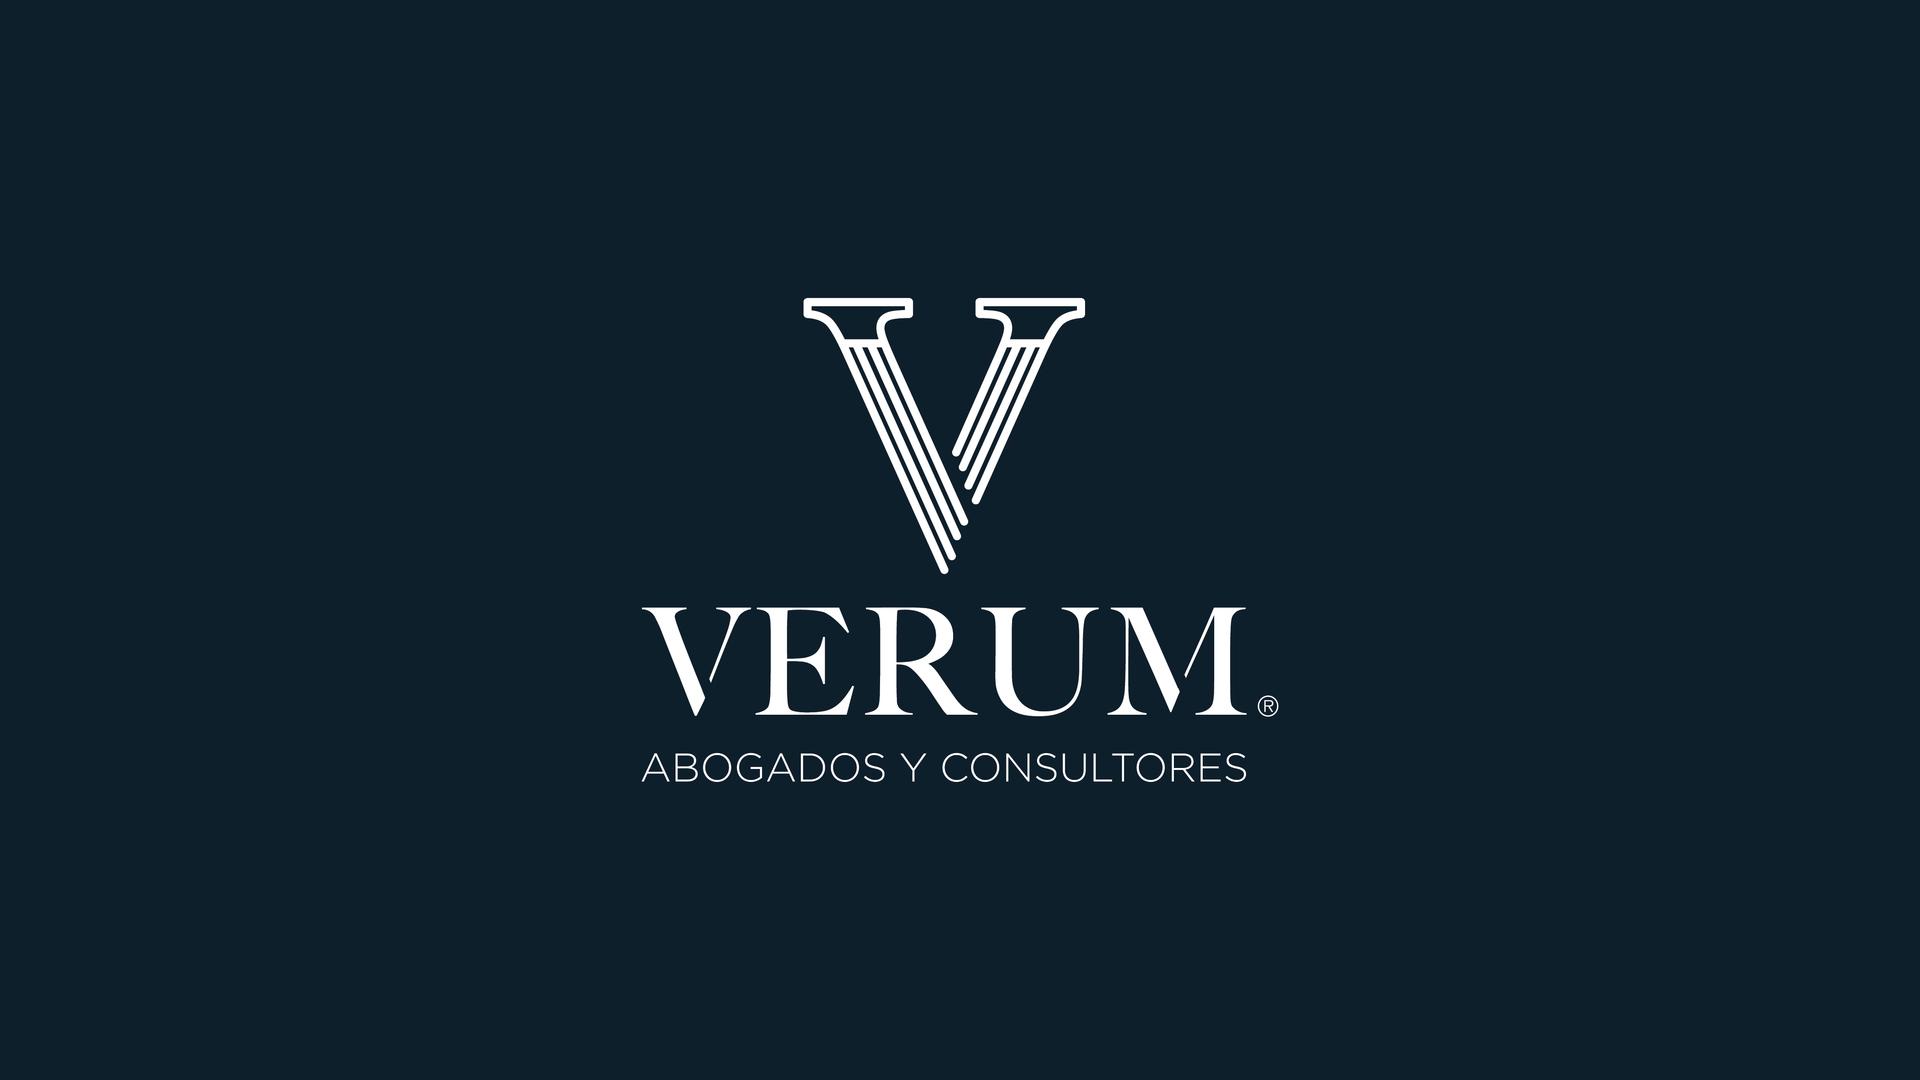 Logos_Verum-03